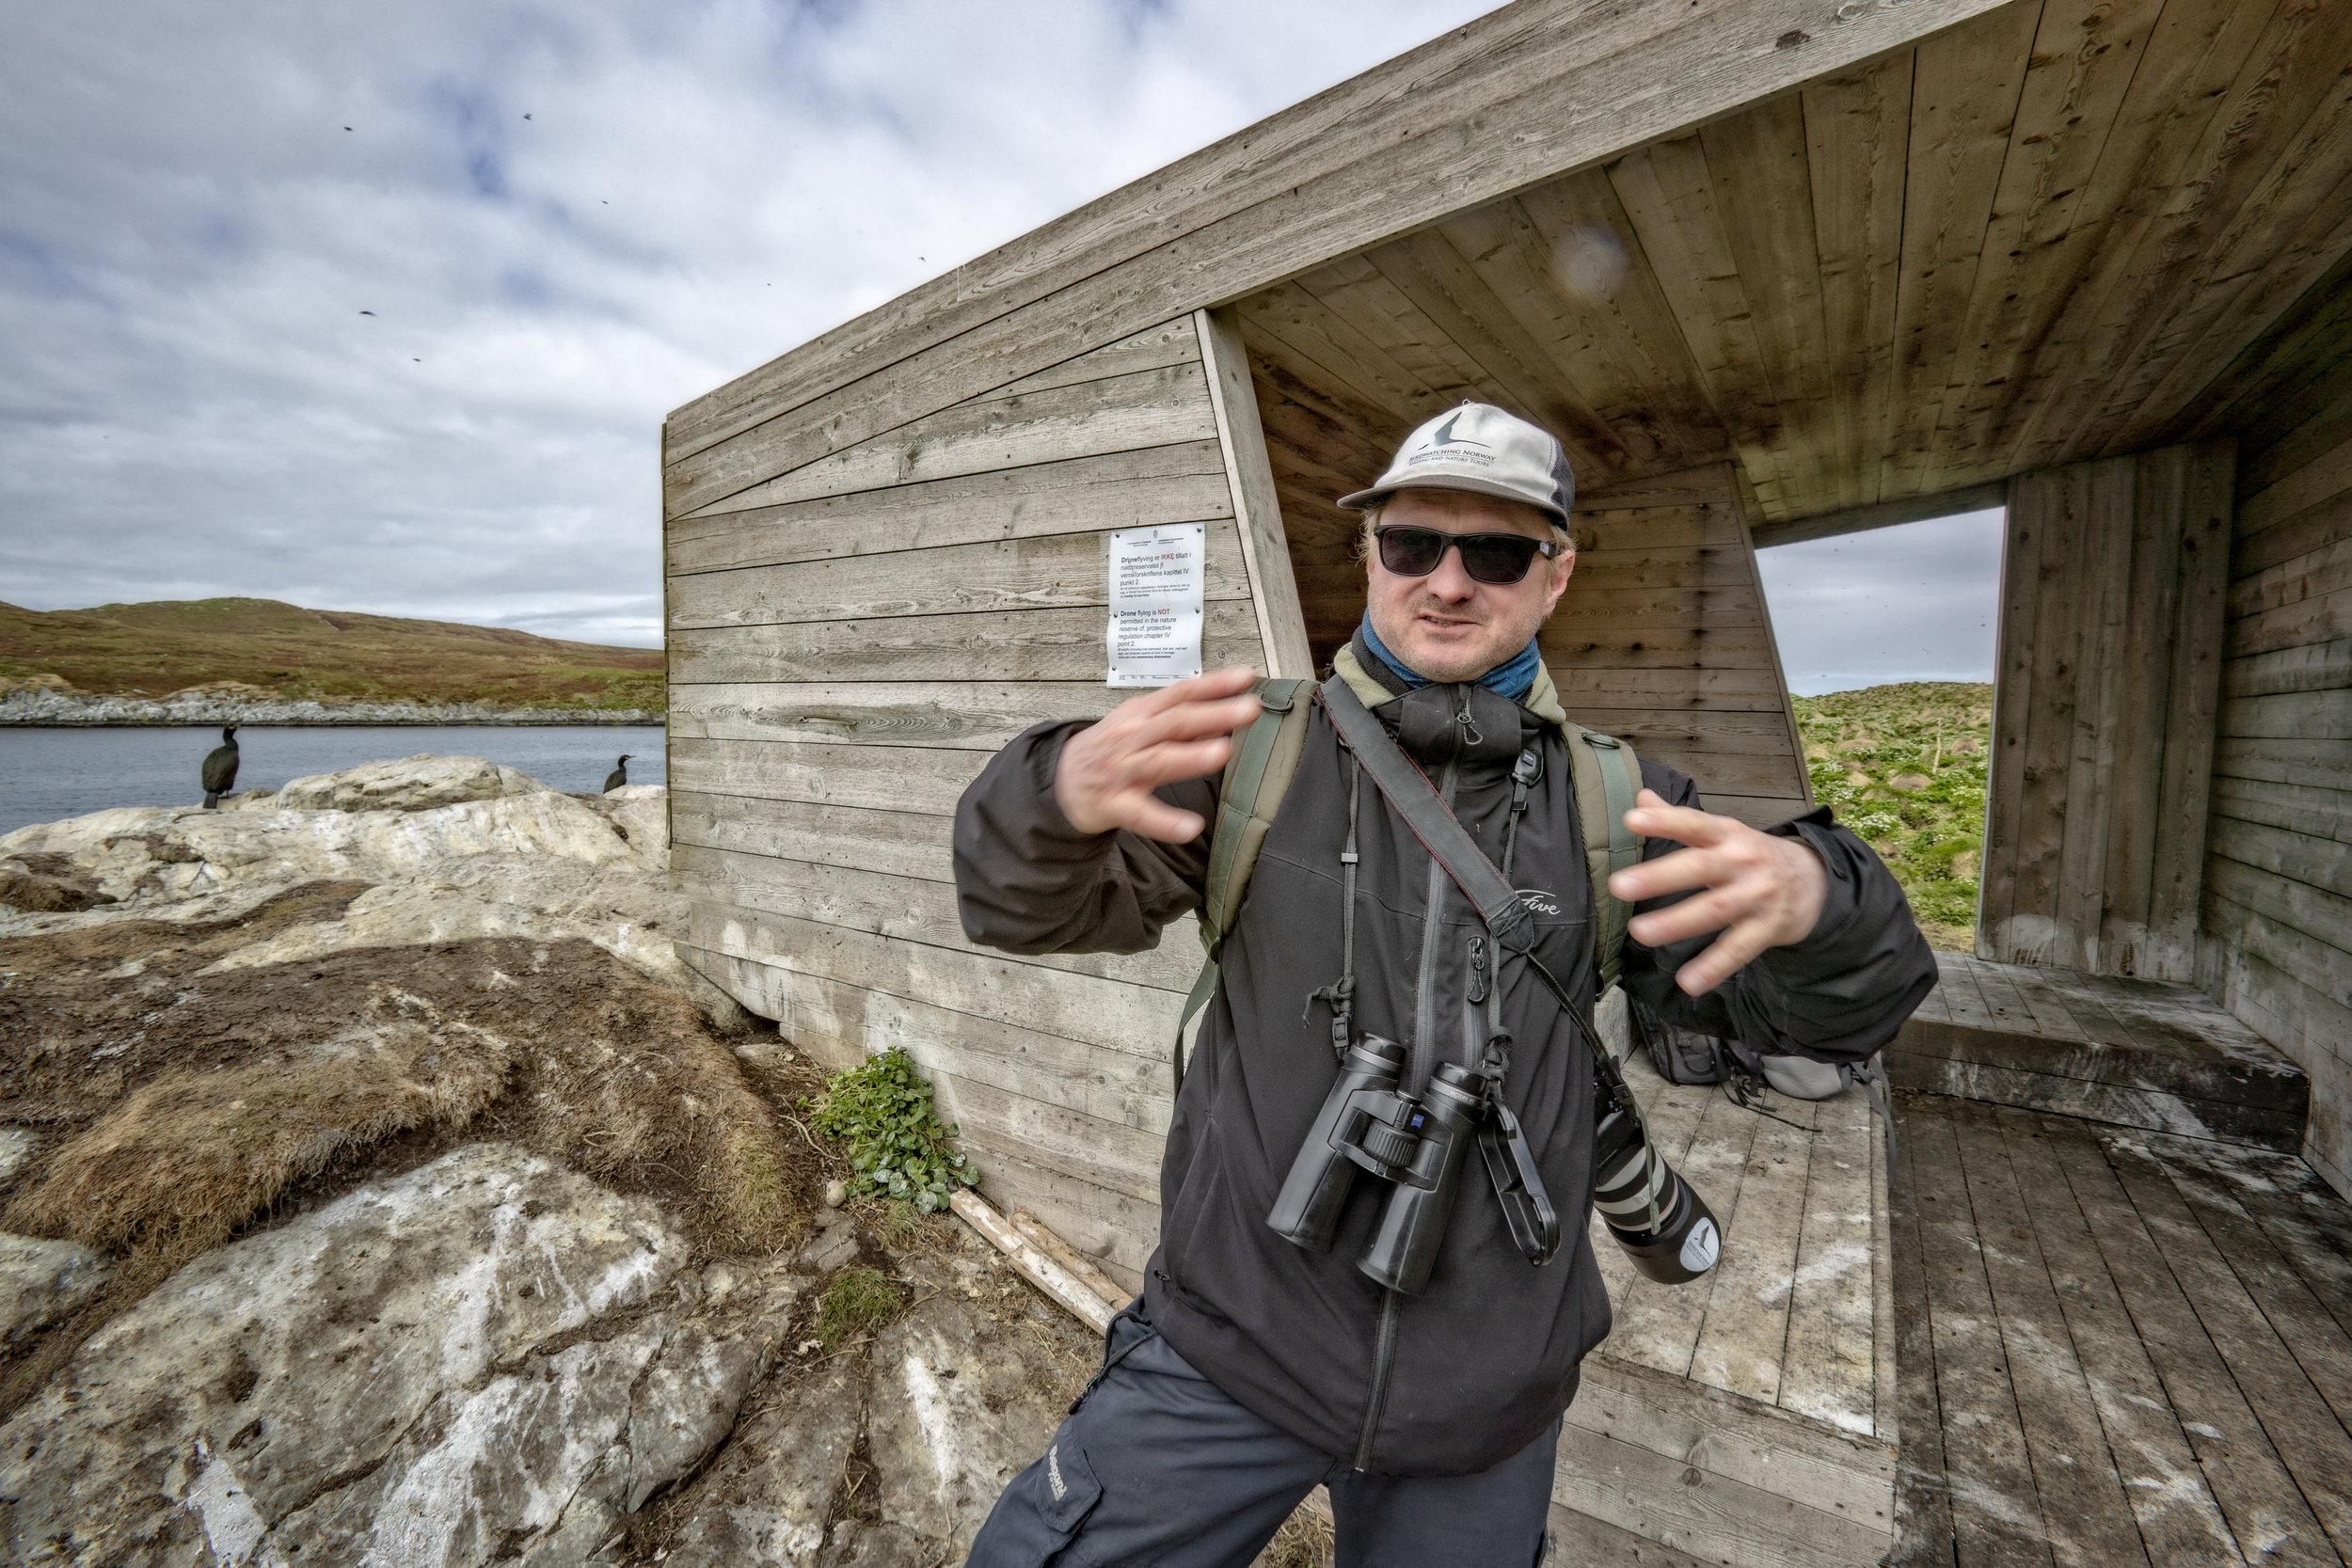 IVRIG FUGLETITTER: Anders Mæland elsker Varanger. – Her kan det dukke opp hva som helst av fugler! I sommer ble han veldig glad for å se en rosenmåke.